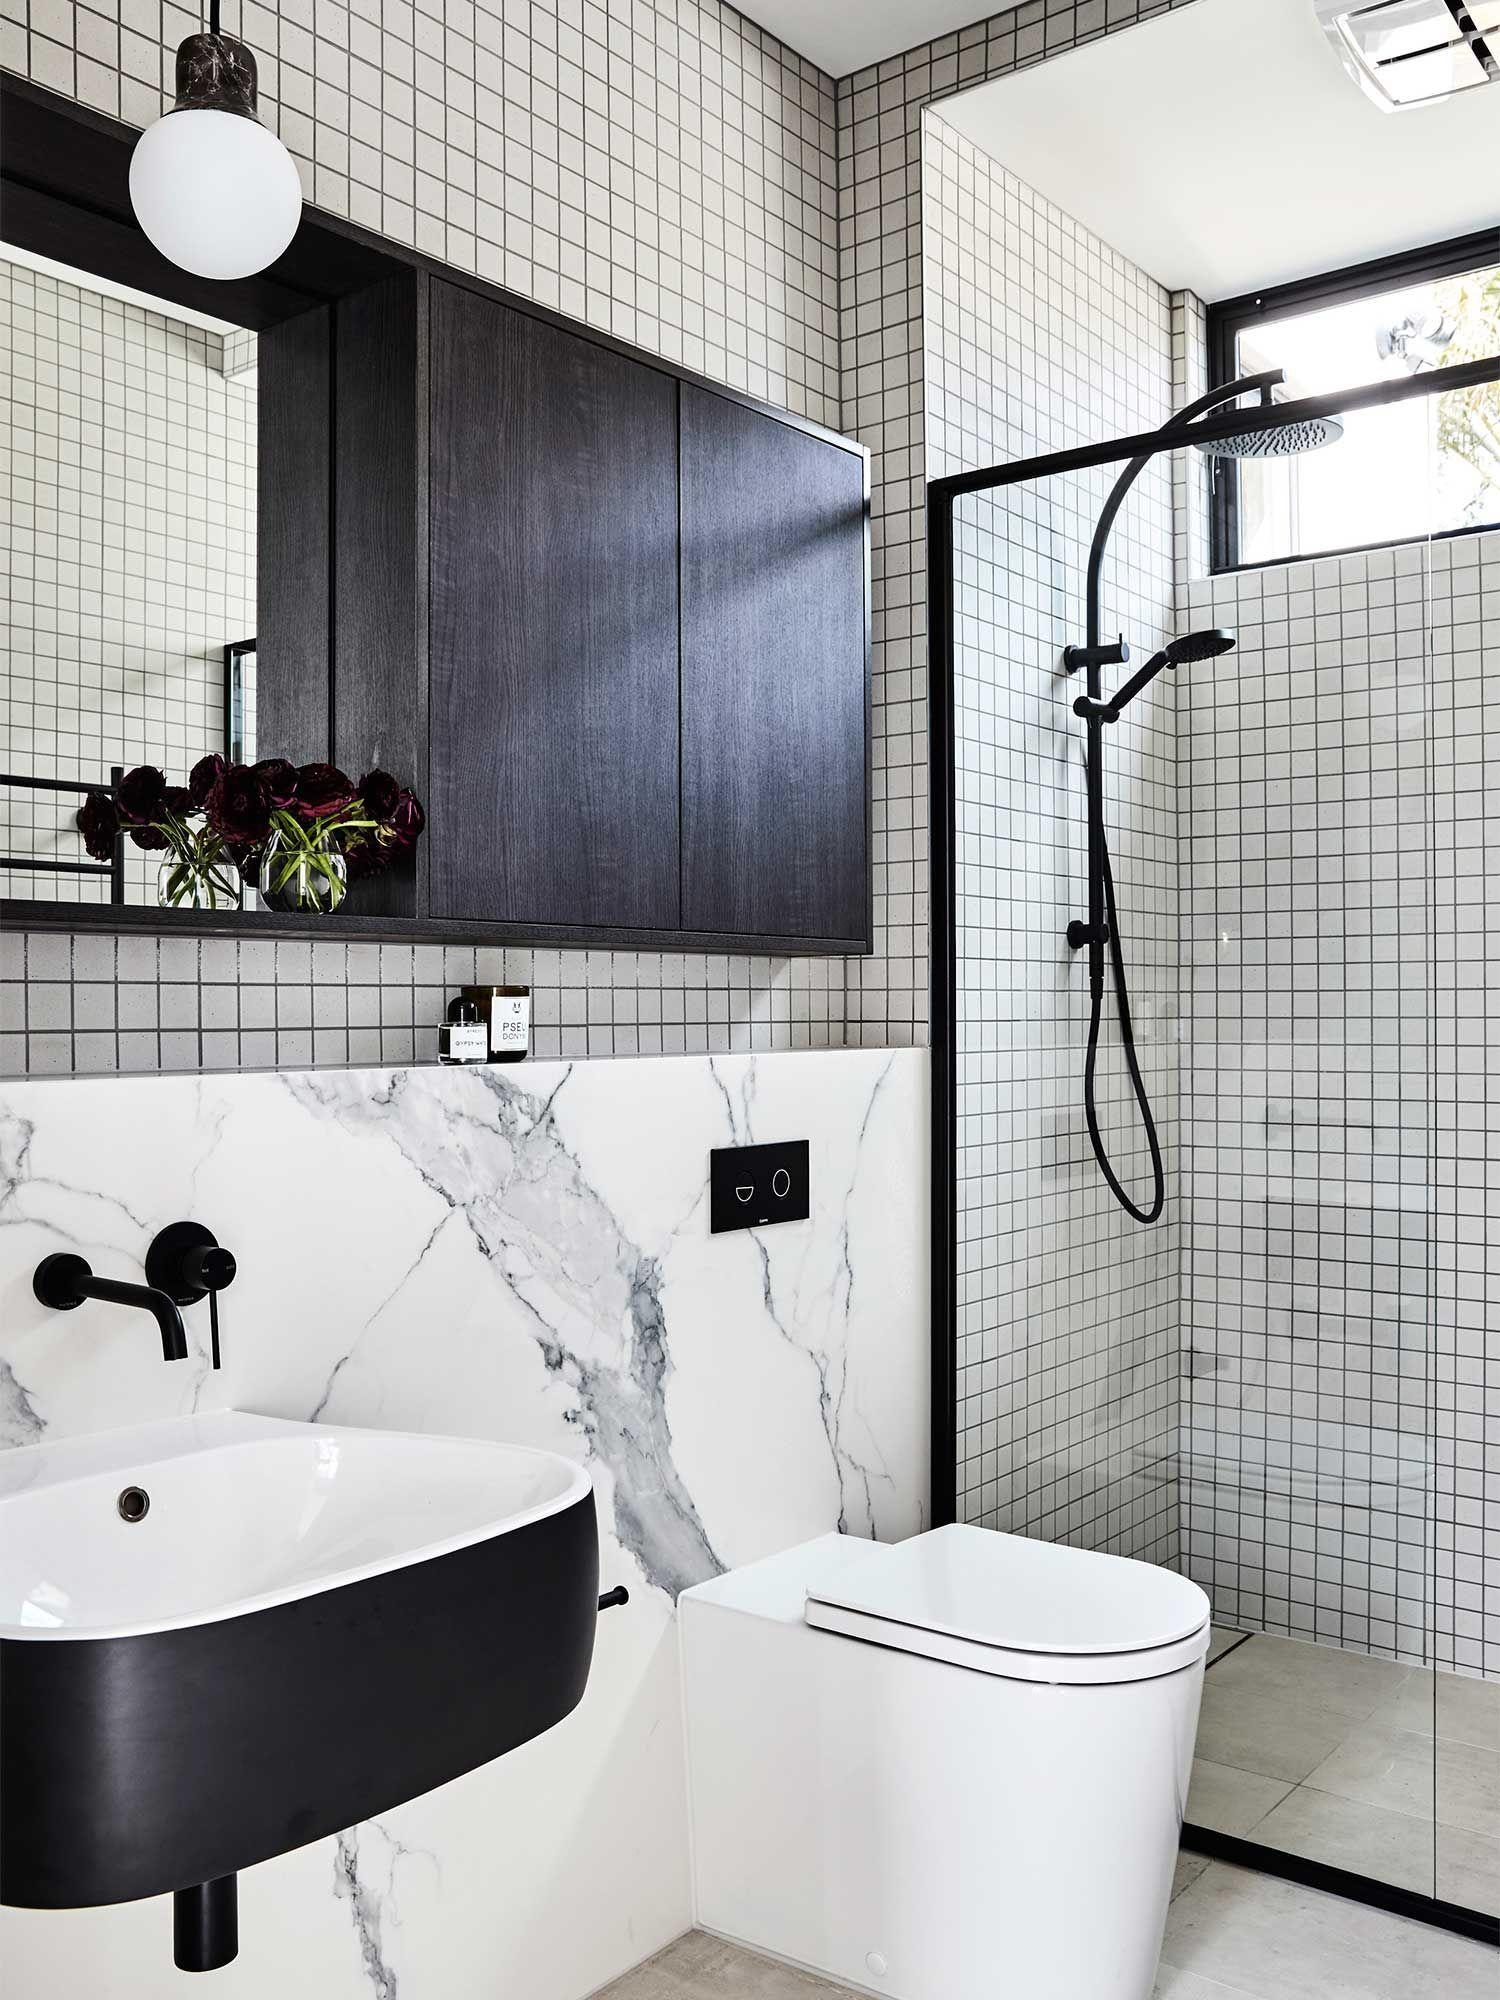 Small Bathroom With White Toilet Toiletdesignideas Bathroom